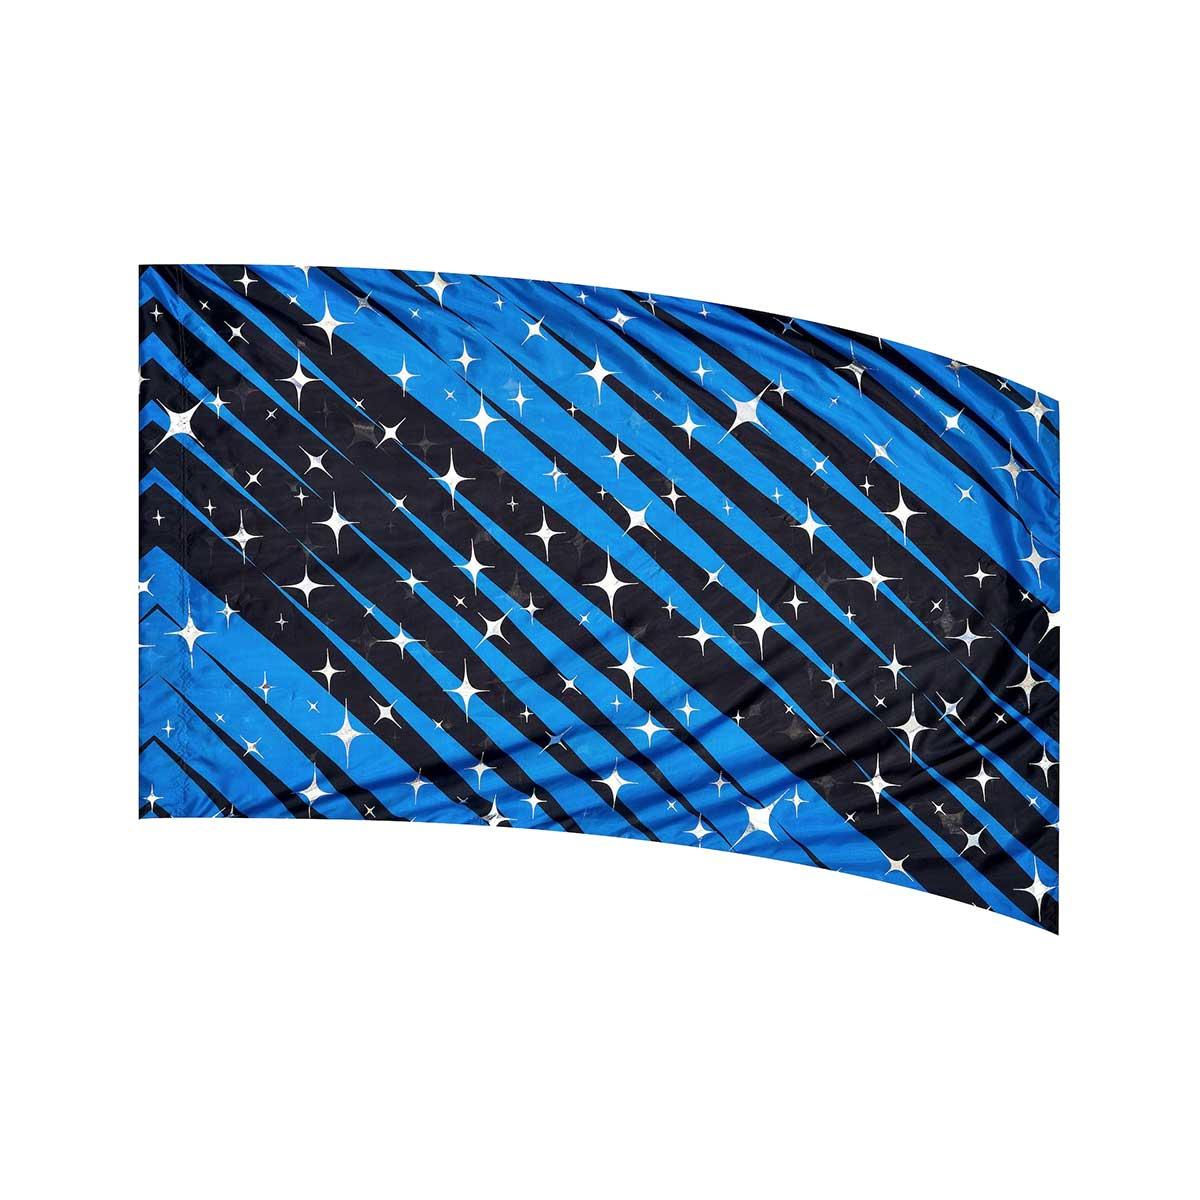 In-Stock Genesis Flags: 7010